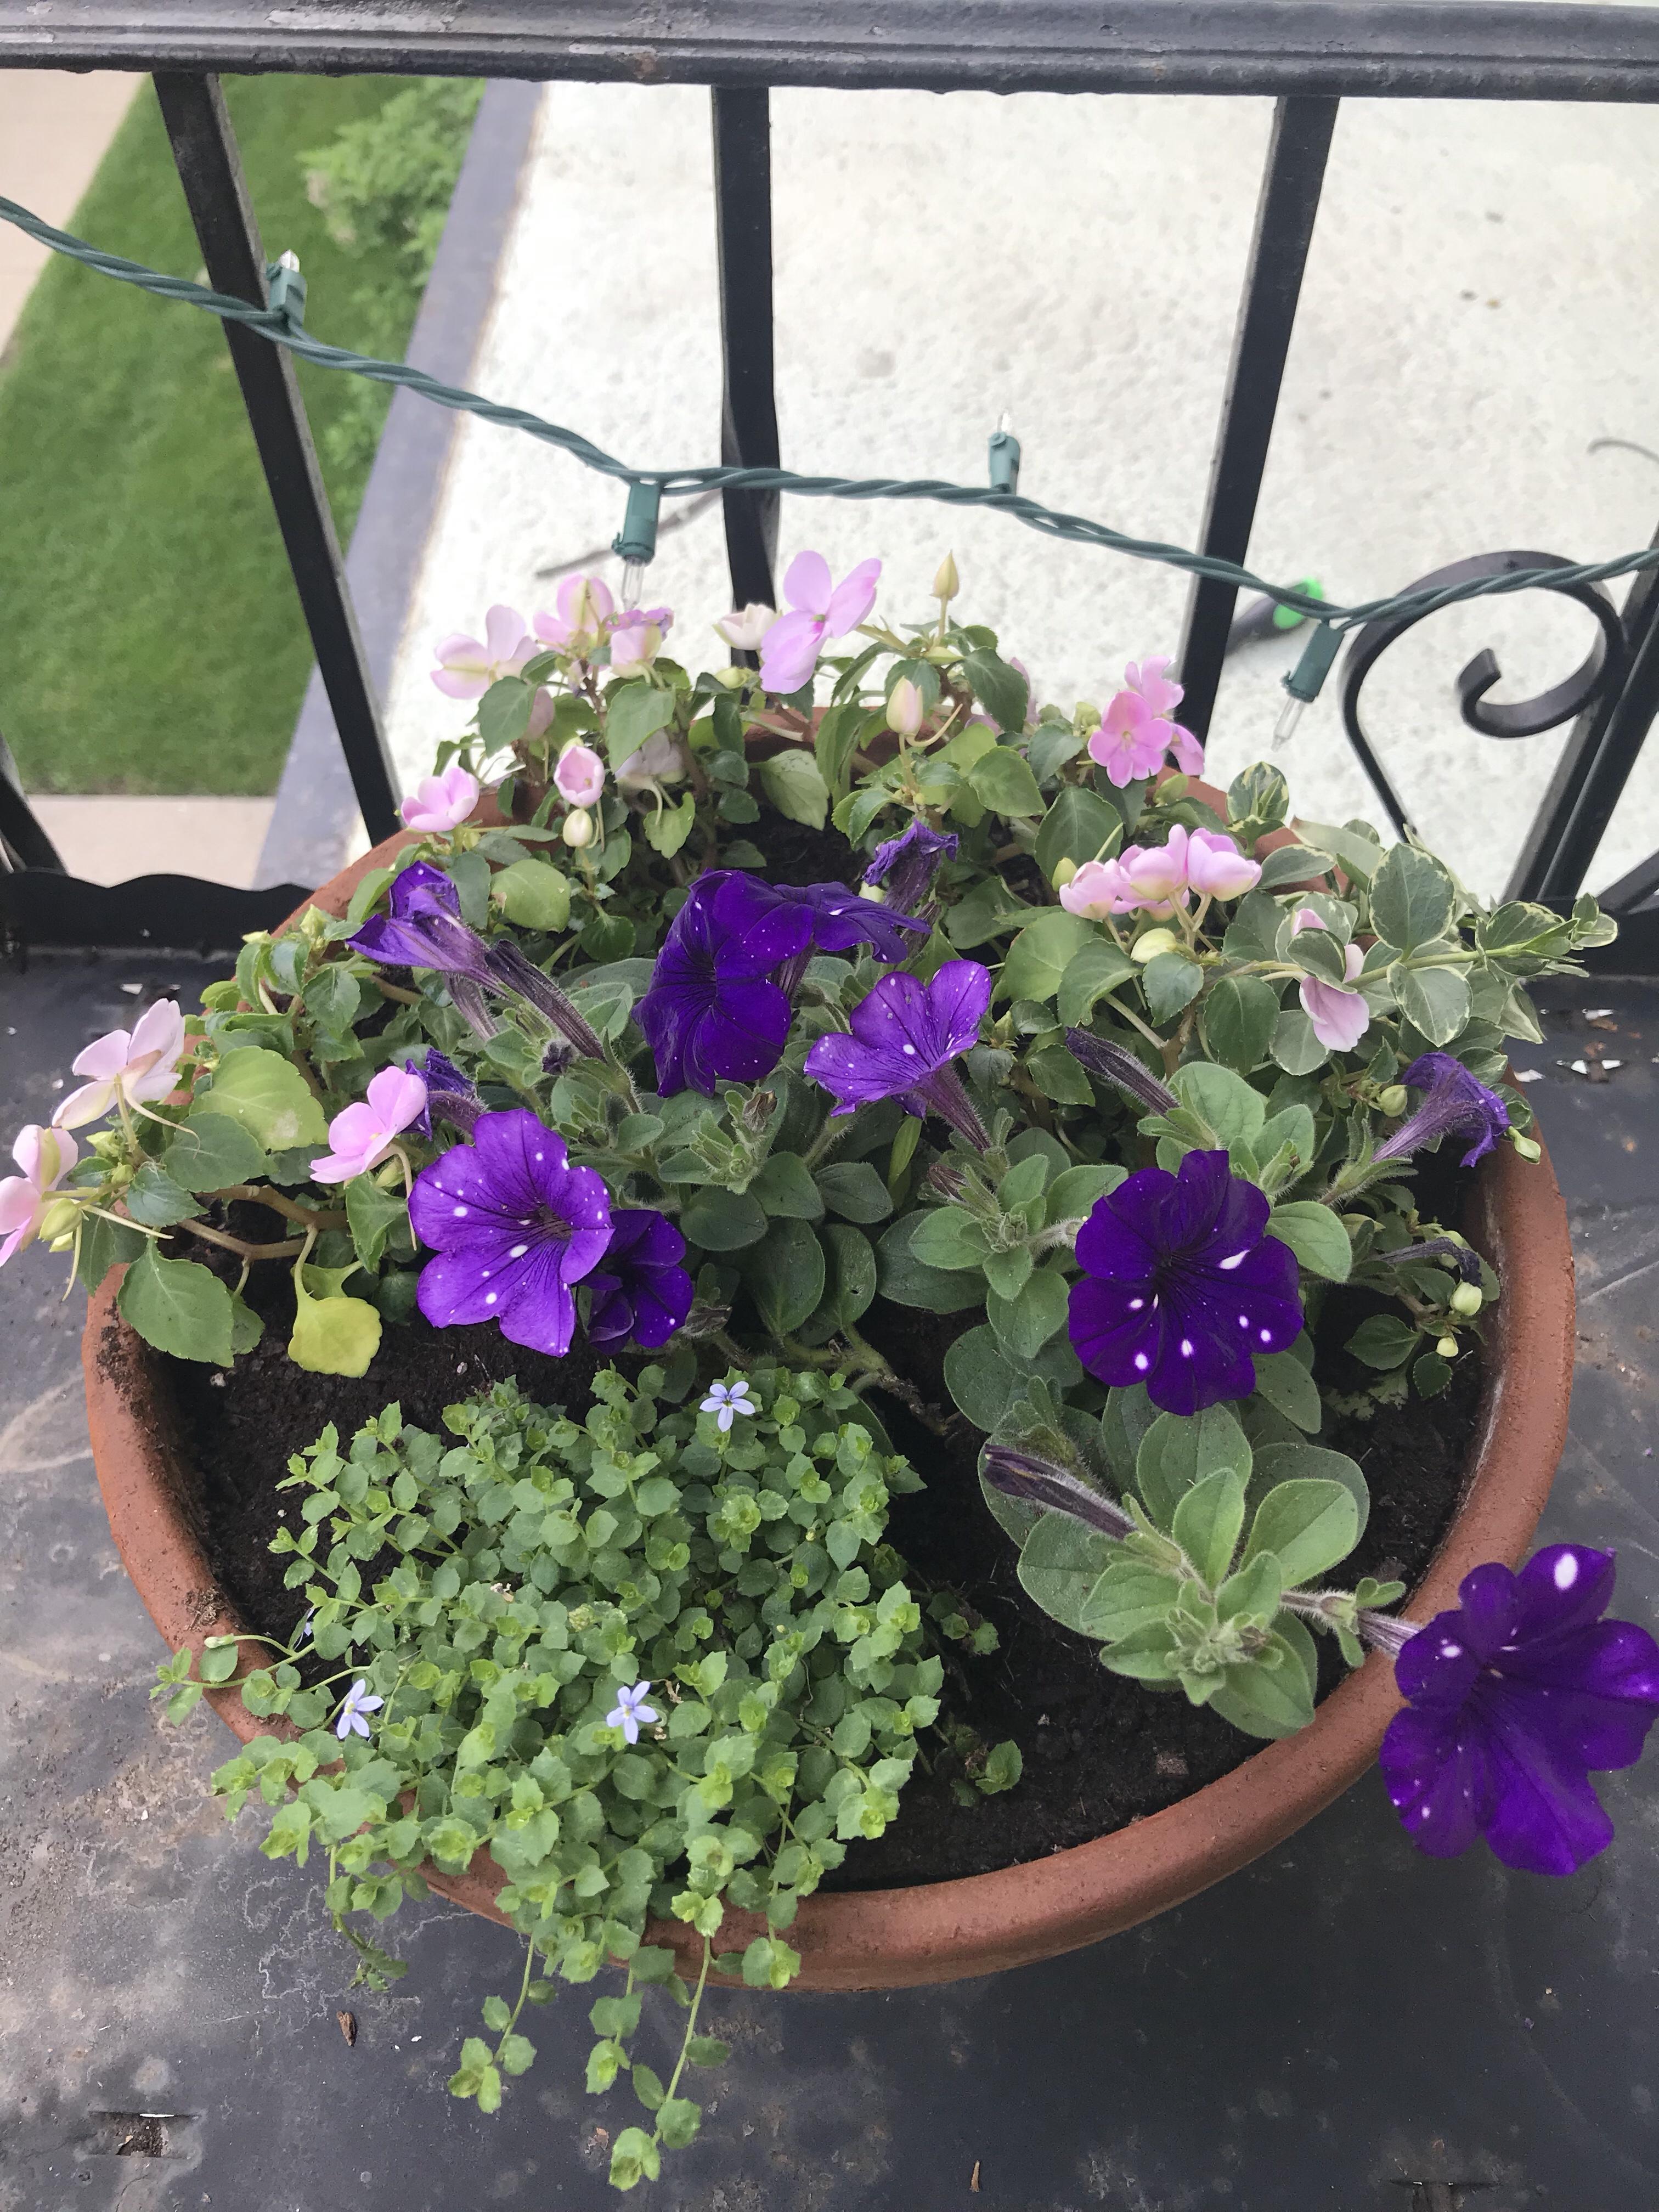 purple flowers, impatiens, story night petunias, fairy flowers